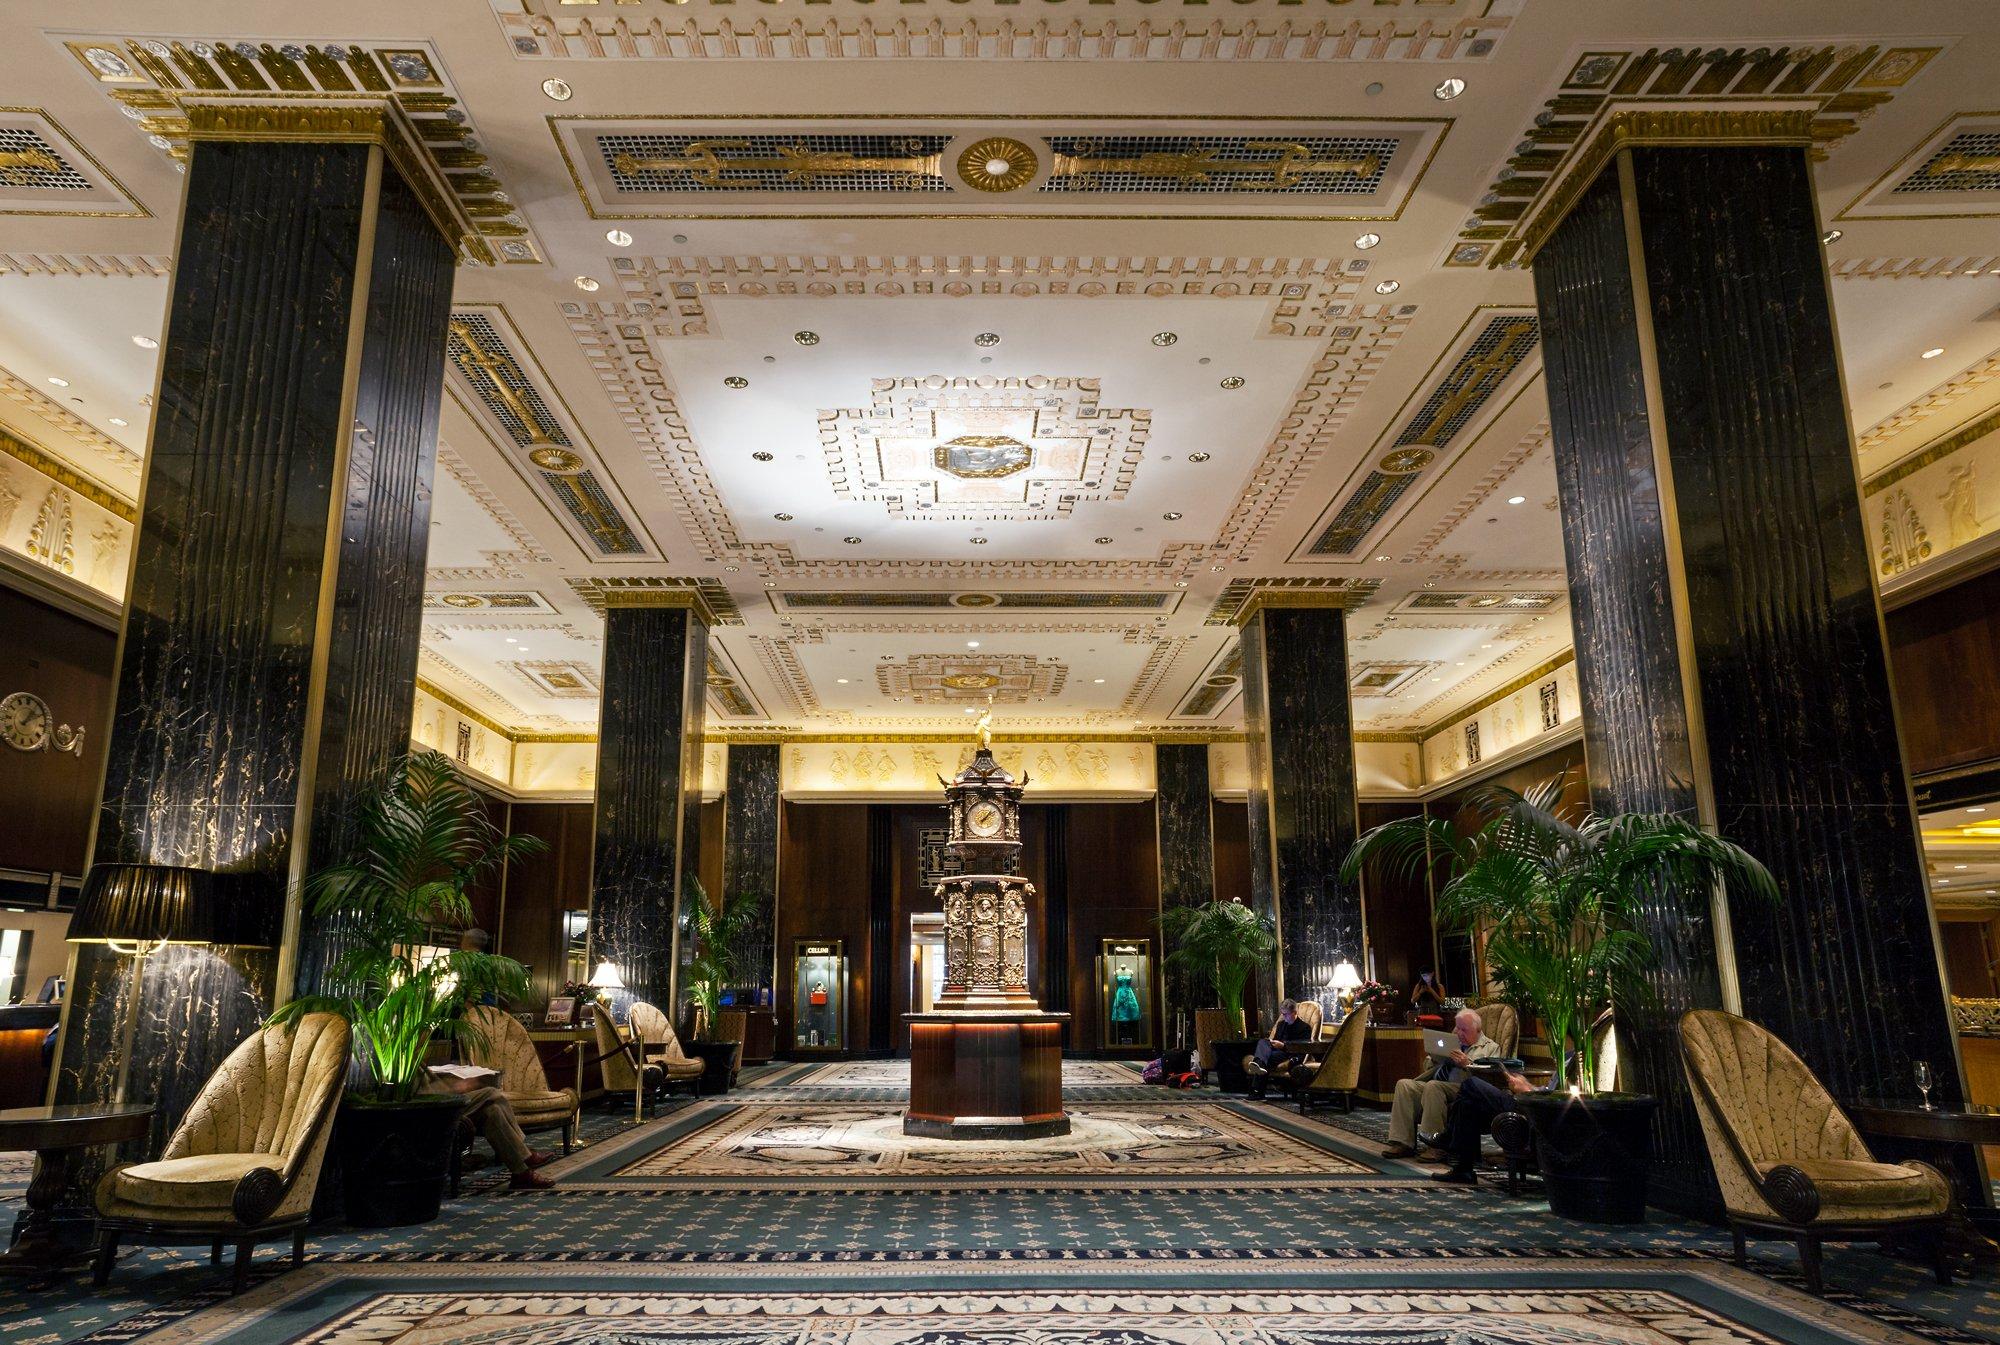 Čuveni hotel Waldorf Astoria iz New Yorka na aukciji nudi 80.000 predmeta